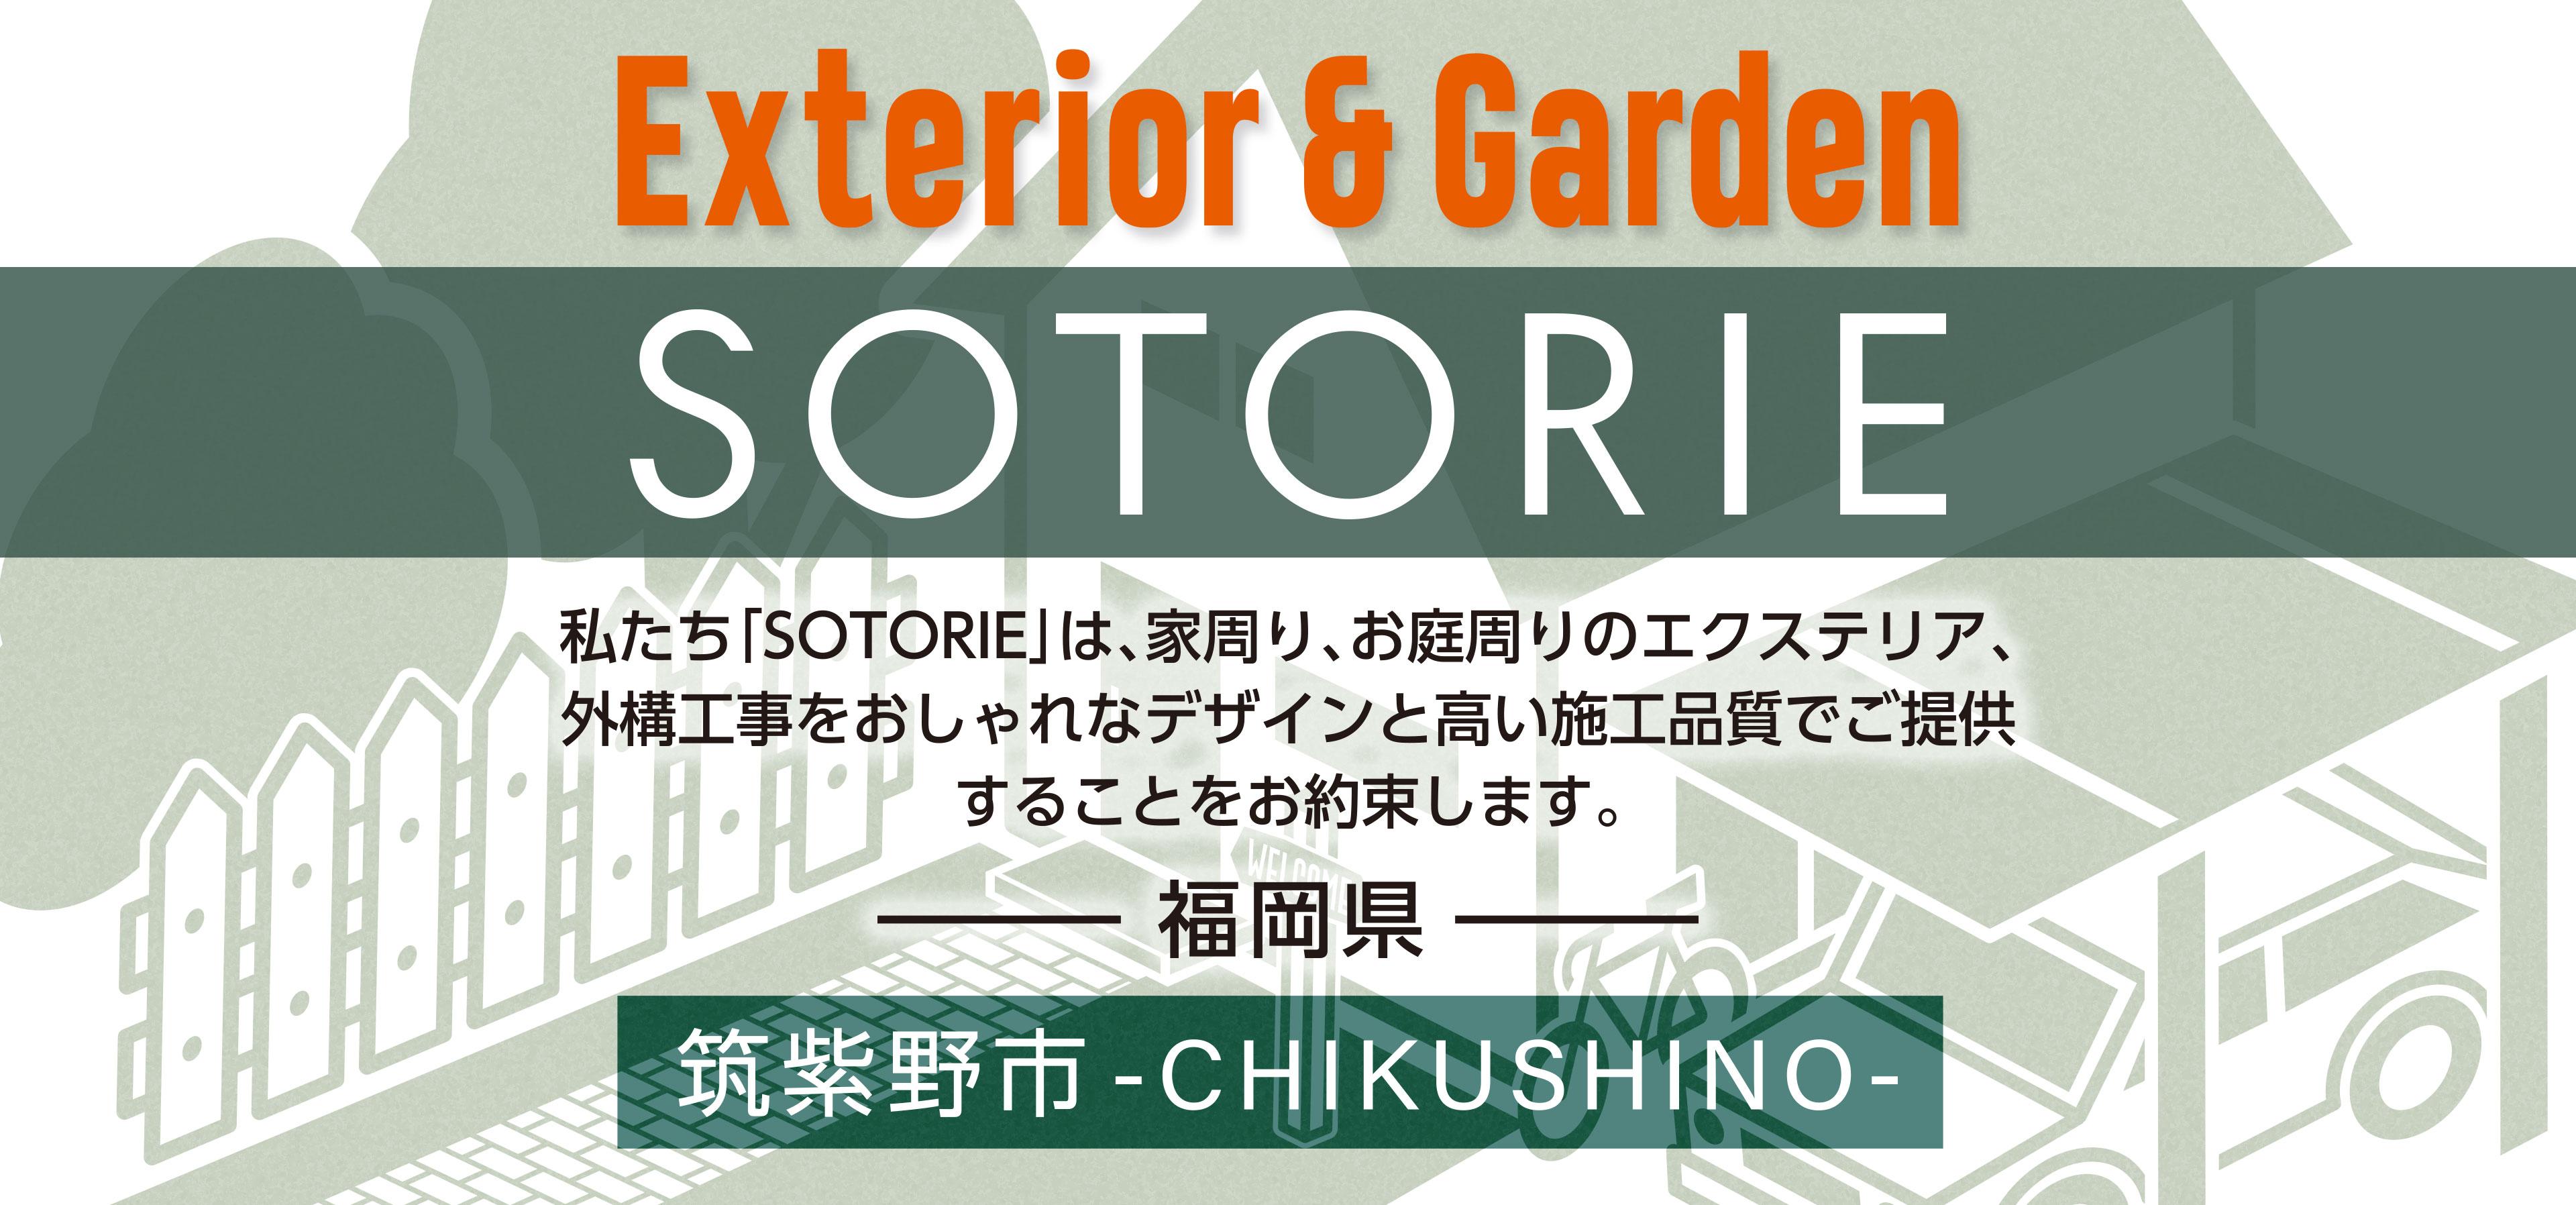 ソトリエ筑紫野市では、家周りと庭周りの外構、エクステリア工事をおしゃれなデザインと高い施工品質でご提供することをお約束します。